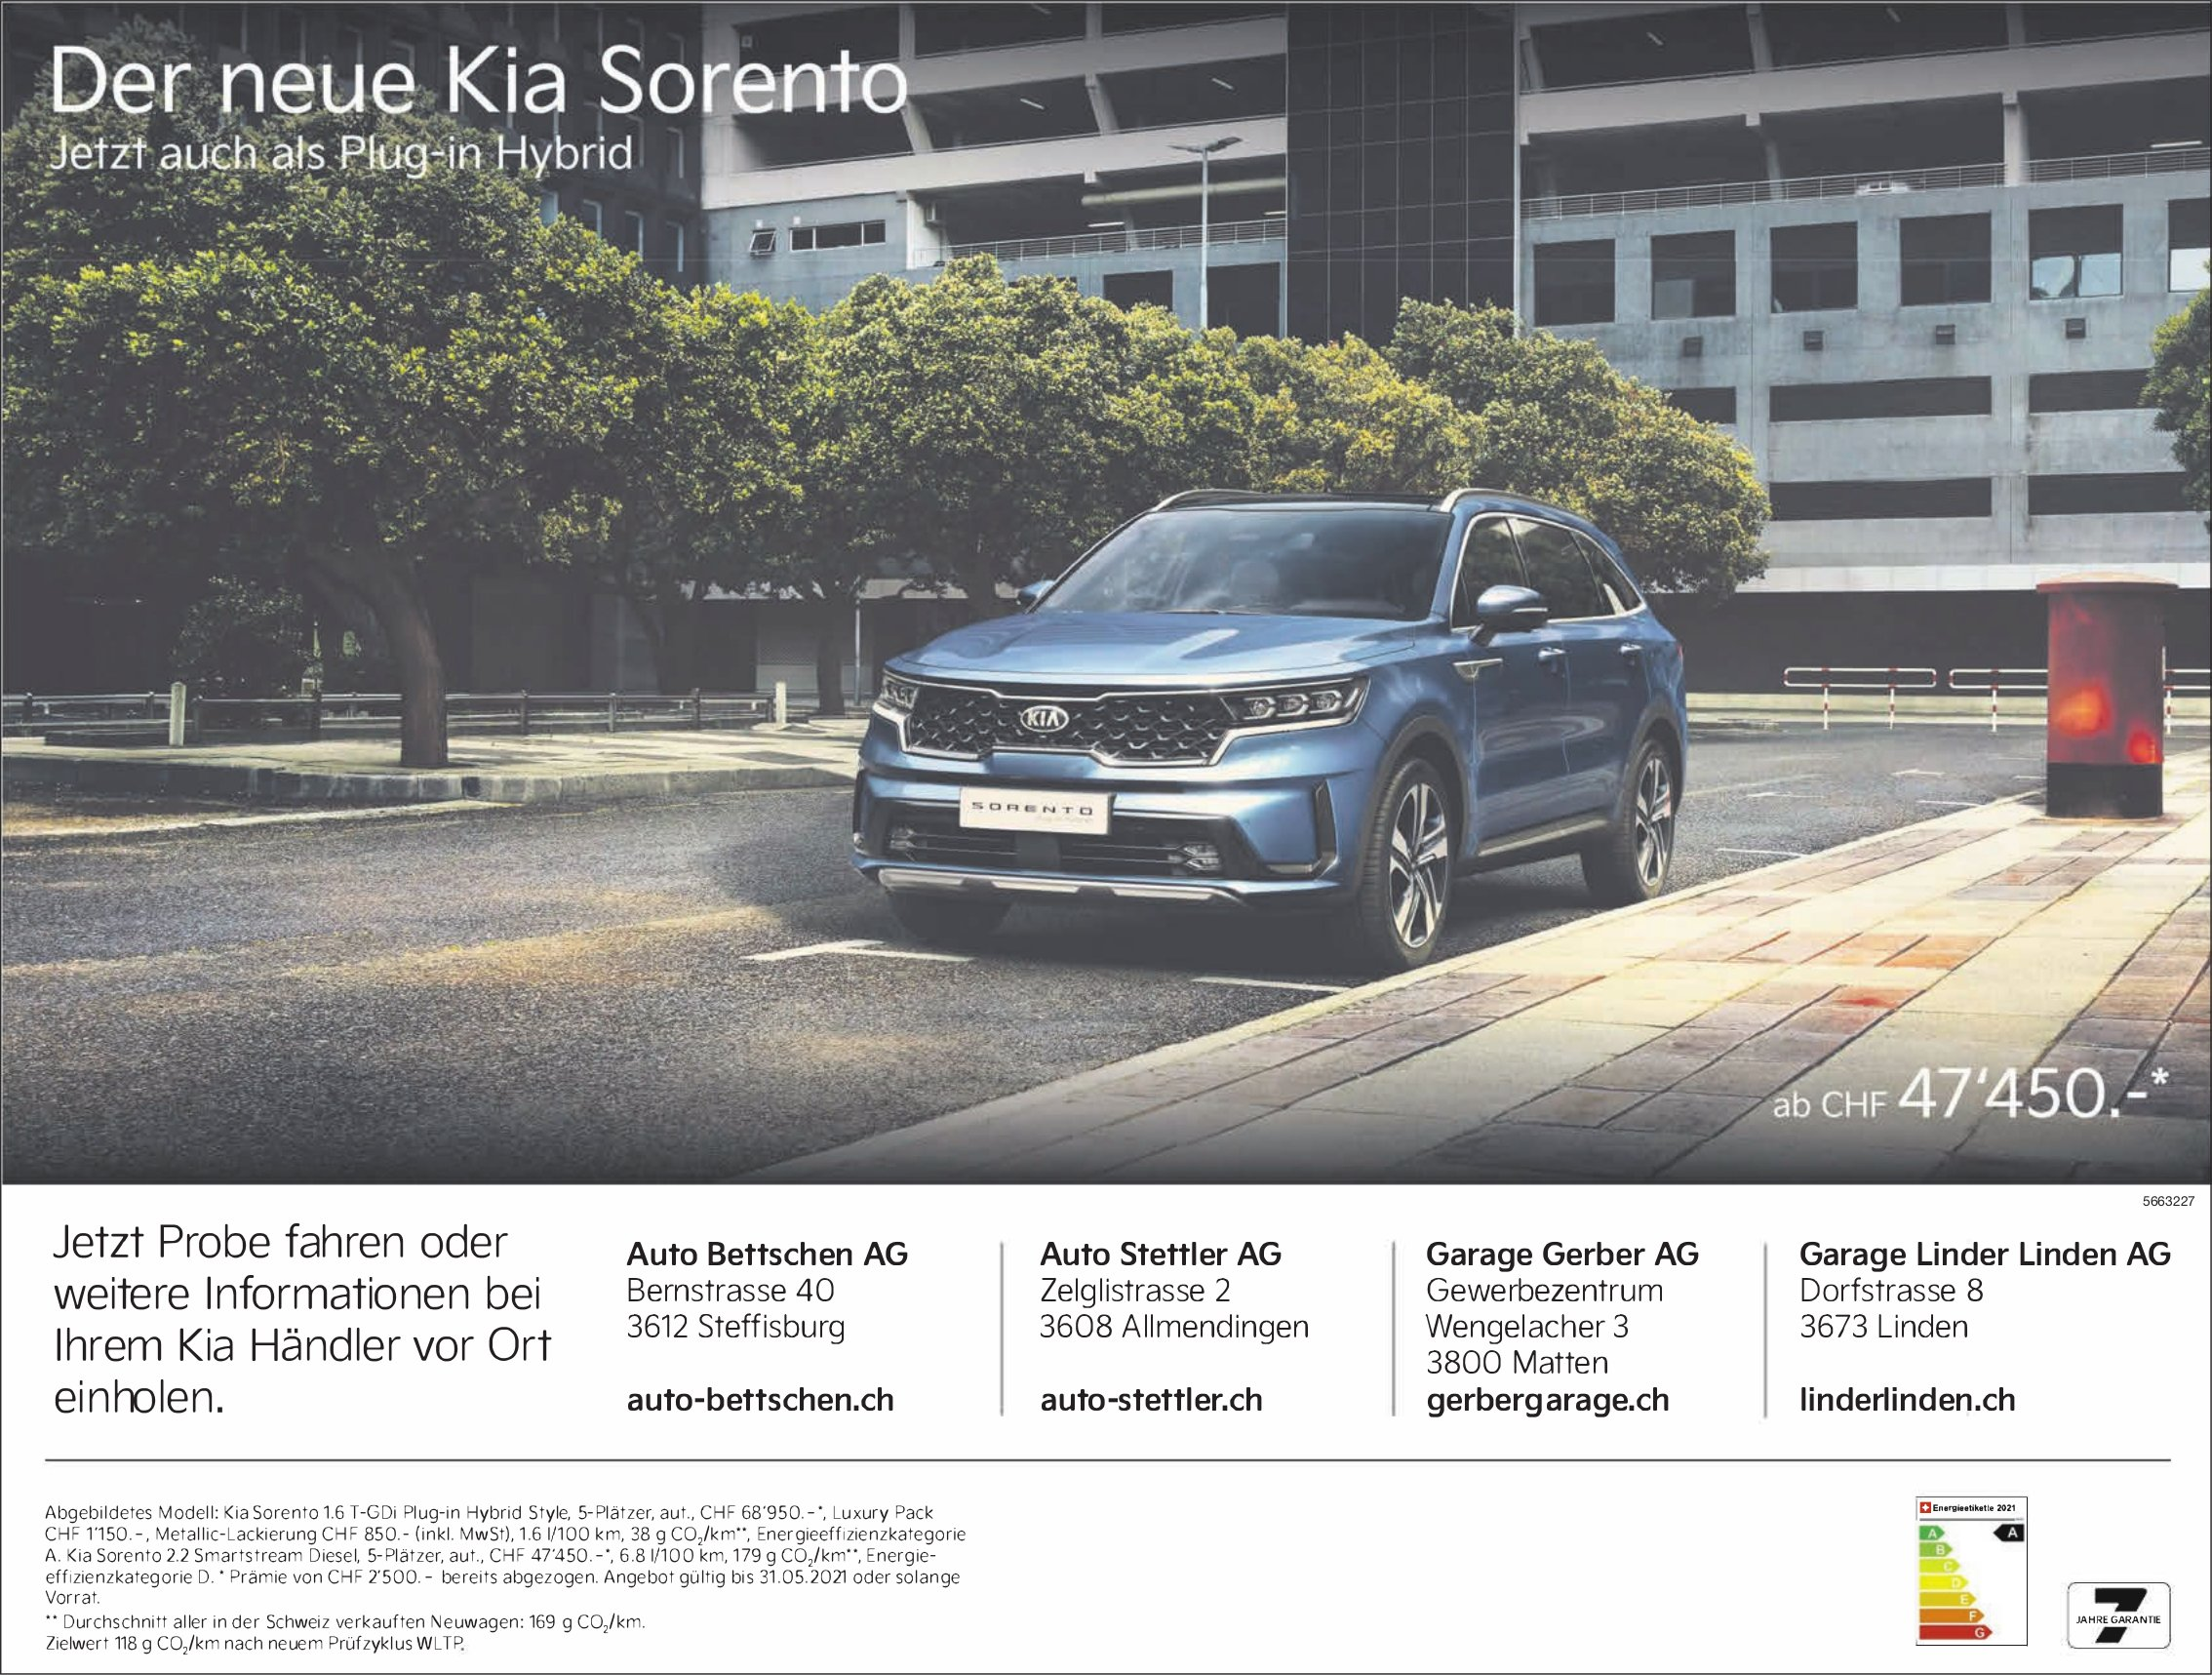 Auto Bettschen AG, Steffisburg - Der neue Kia Sorento: Jetzt auch als Plug-in-Hybrid